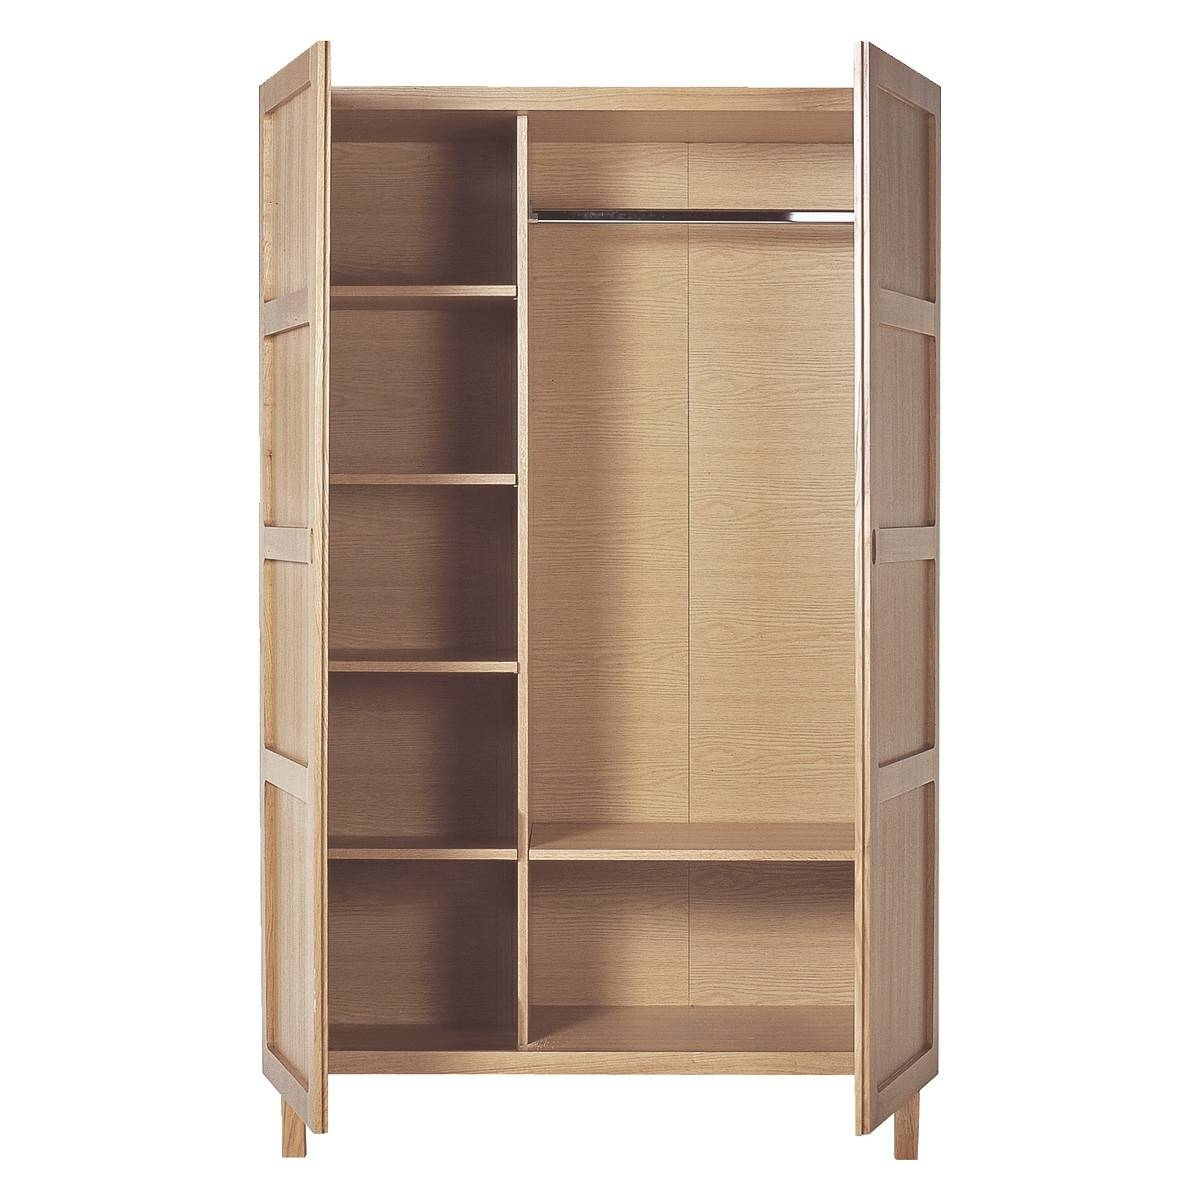 Radius Oak 2 Door Wardrobe | Buy Now At Habitat Uk inside 3 Door Wardrobe With Drawers And Shelves (Image 21 of 30)